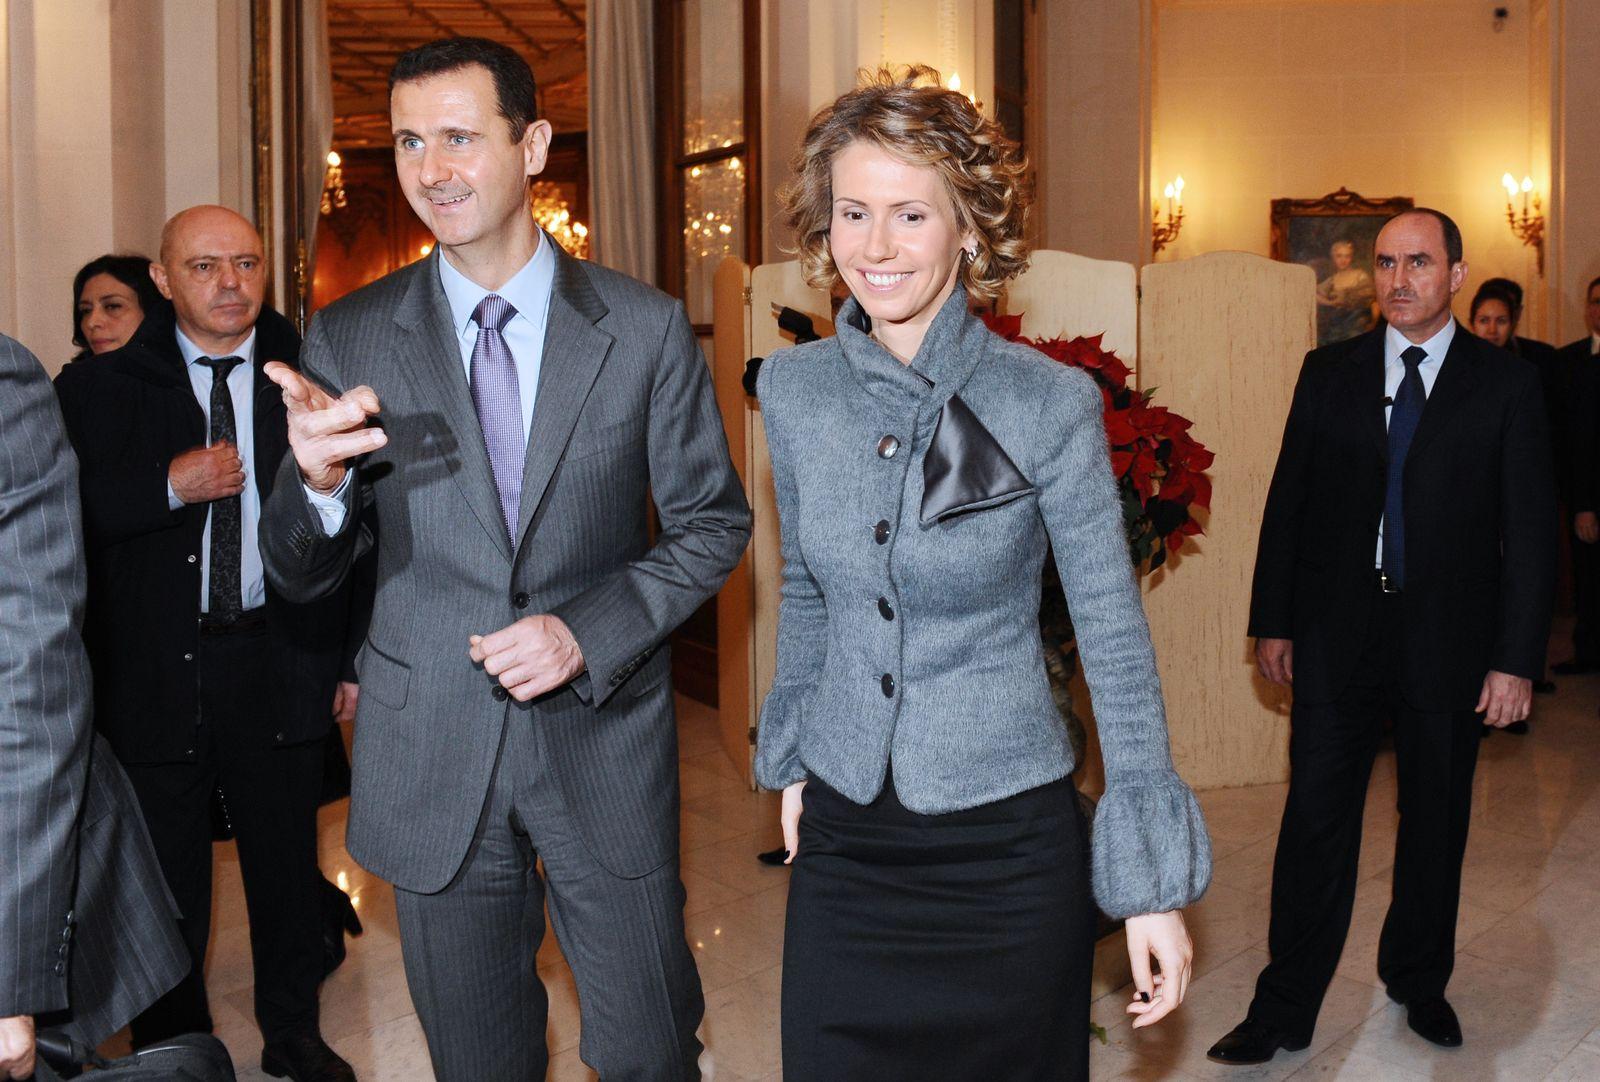 Assad-Clan/ Reichtum